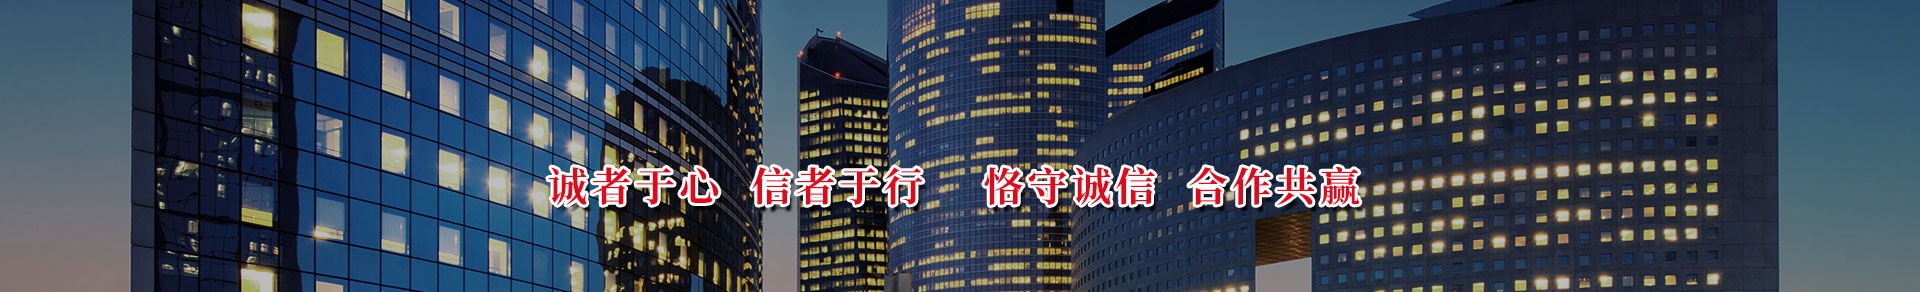 http://www.znjsjt.net/data/images/slide/20190724120059_635.jpg